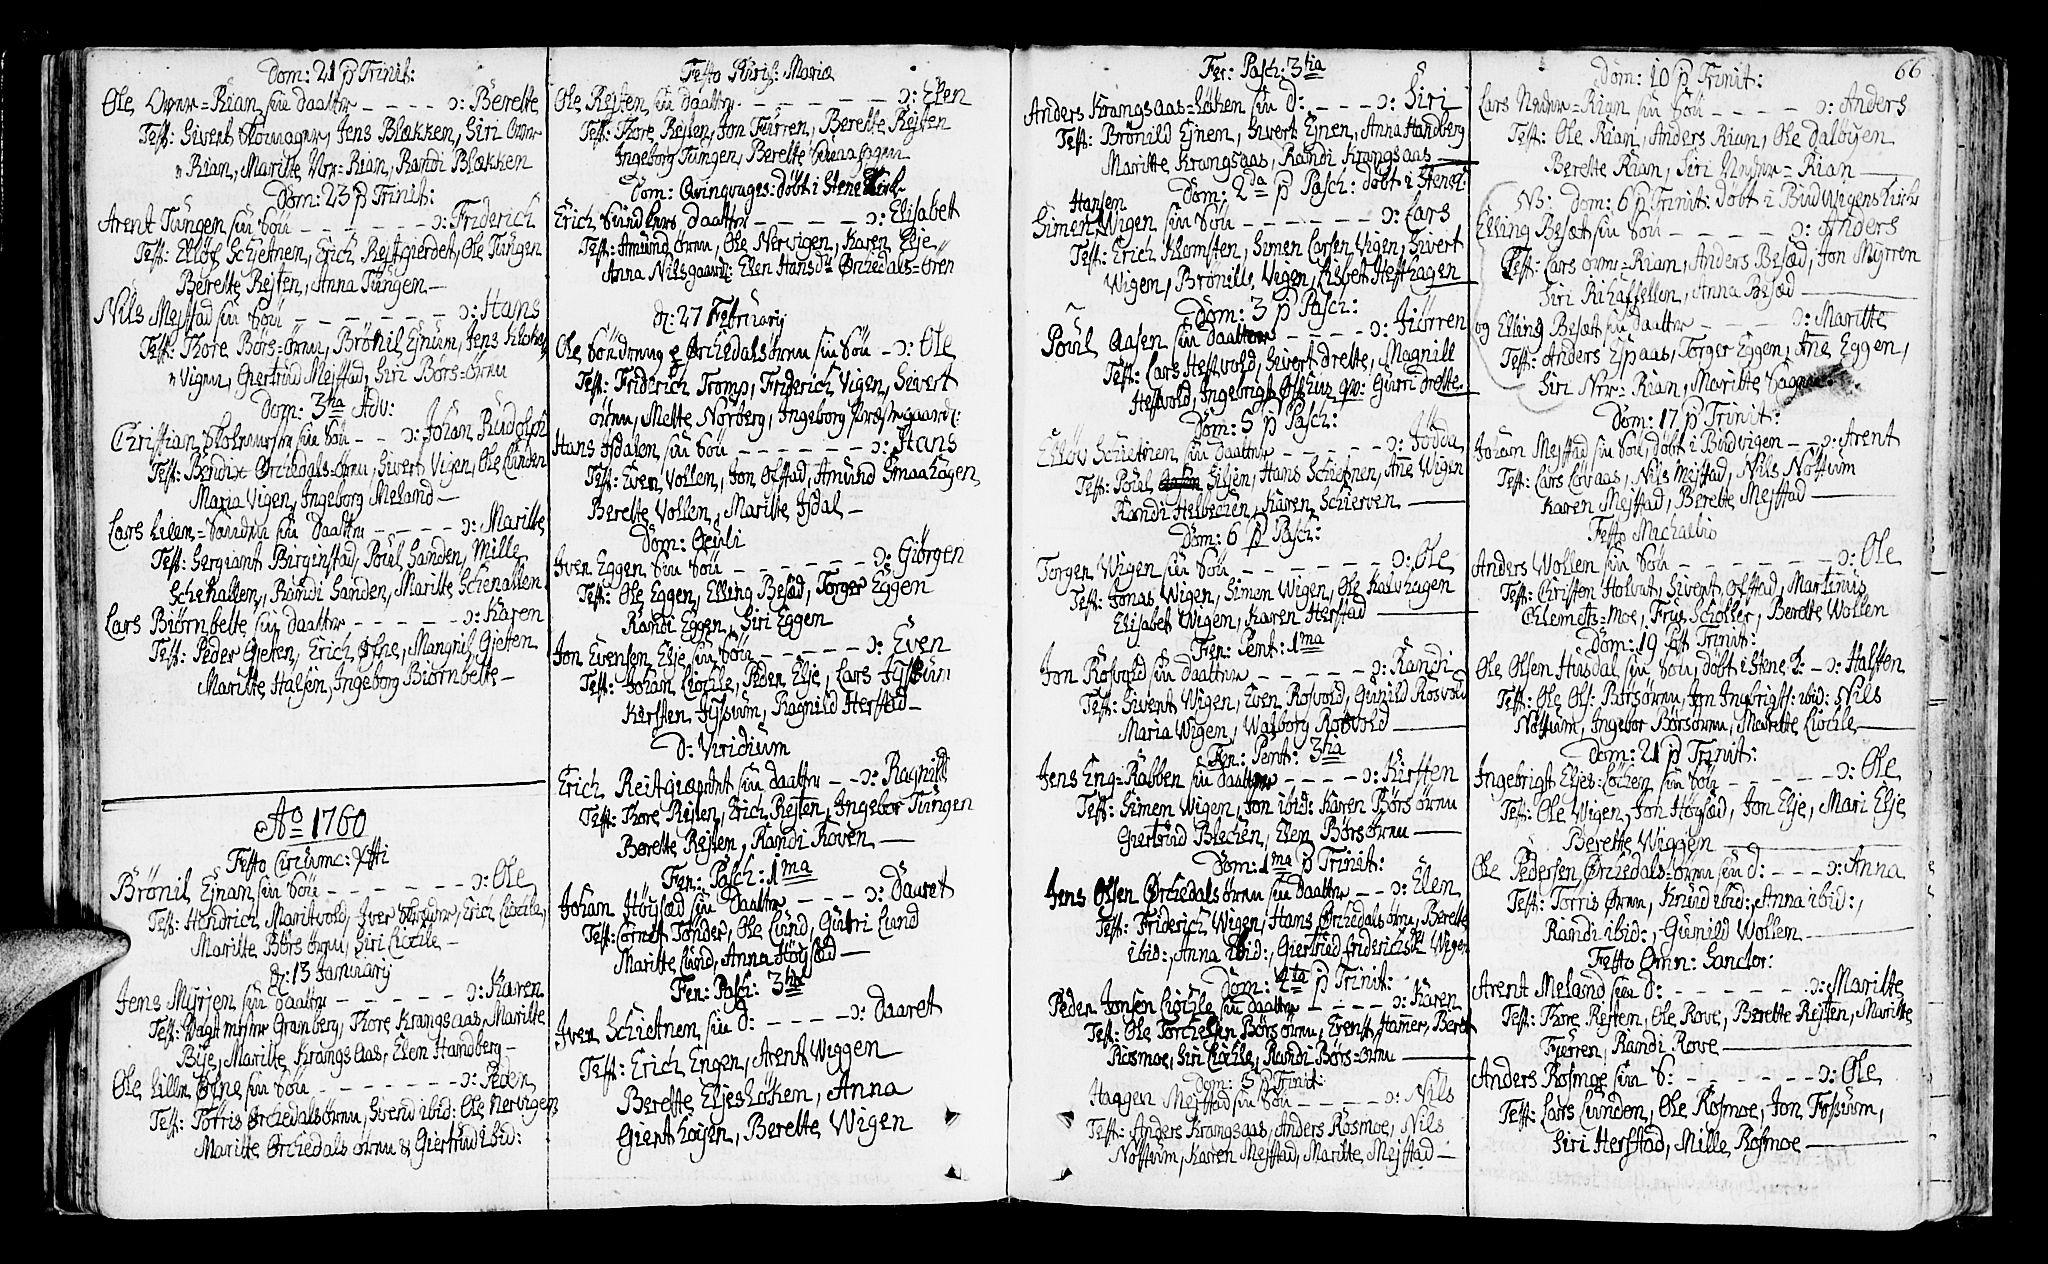 SAT, Ministerialprotokoller, klokkerbøker og fødselsregistre - Sør-Trøndelag, 665/L0768: Ministerialbok nr. 665A03, 1754-1803, s. 66